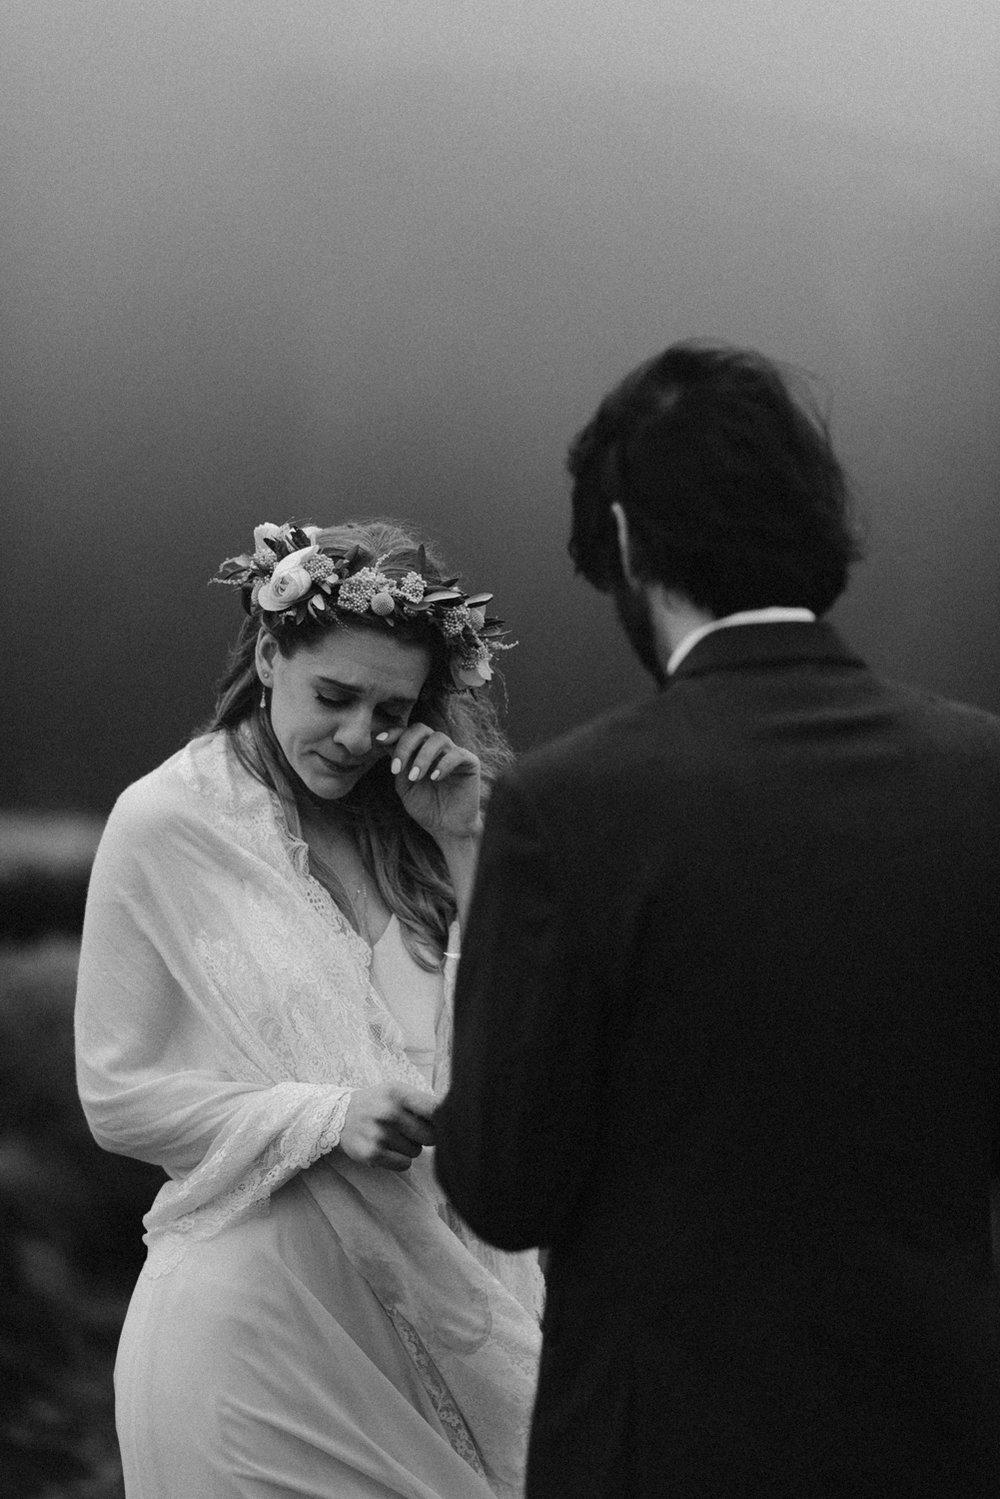 Adventure-wedding-adventure-elopement-Maddie-mae-Maddie-mae-photography-Maddie-mae-photographer-Intimate-wedding-photographer-Intimate-wedding-photography-elopement-photographer-traveling-wedding-photographer-traveling-elopement-photographer-Adventure-elopement-photographer-Adventure-wedding-photographer-Destination-wedding-Destination-elopement-Destination-wedding-photography-Destination-wedding-photographer-Maddie-MaeIntimate-Wedding-Photography-Maddie-Mae-Intimate-Wedding-Photographer-Maddie-Mae-Elopement-Photography-Maddie-MaeElopement-Photographer-Elopement-Photography-Intimate-Elopement-Photographer-Intimate-Elopement-Photography-Elopement-Wedding-Weddings-Elope-Elopements-Intimate-Weddings-Adventure-Weddings-Adventure-Wedding-Photograph-Adventure-Wedding-Photograph-Adventurous-Wedding-Photography-Adventurous-Wedding-Photograph-Adventure-Elopement-Photographer-Adventurous-Elopement-Photograph-Adventurous-Elopement-Photographer-Adventurous-Destination-Elopement-Photographer-Destination-Elopement-Photography-Destination-Elopement-Packages-Rocky-Mountain-Elopement-Rocky-Mountain-National-Park-Photographer-Rocky-Mountain-National-Park-Photography-Rocky Mountain National Park Elopement- Rocky-Mountain-National-Park-Wedding-RMNP-Elopement-RMNP-Wedding-RMNP-Photographer-RMNP-Photography-Colorado-Elopement-Colorado-Elopement-Photographer-Colorado-Elopement-Photography-Iceland-Elopement-Photographer-Iceland-Elopement-Packages-Hiking-Wedding-Hiking-Elopement-Photographer-Mountain-Wedding-Photographer-Mountain-Wedding-Photography-Colorado-Mountain-Wedding-Colorado-Mountain-Elopement-black-and-white-elopement-photography-black-and-white-wedding-photo-emotional-elopement-intimate-elopement-ceremony